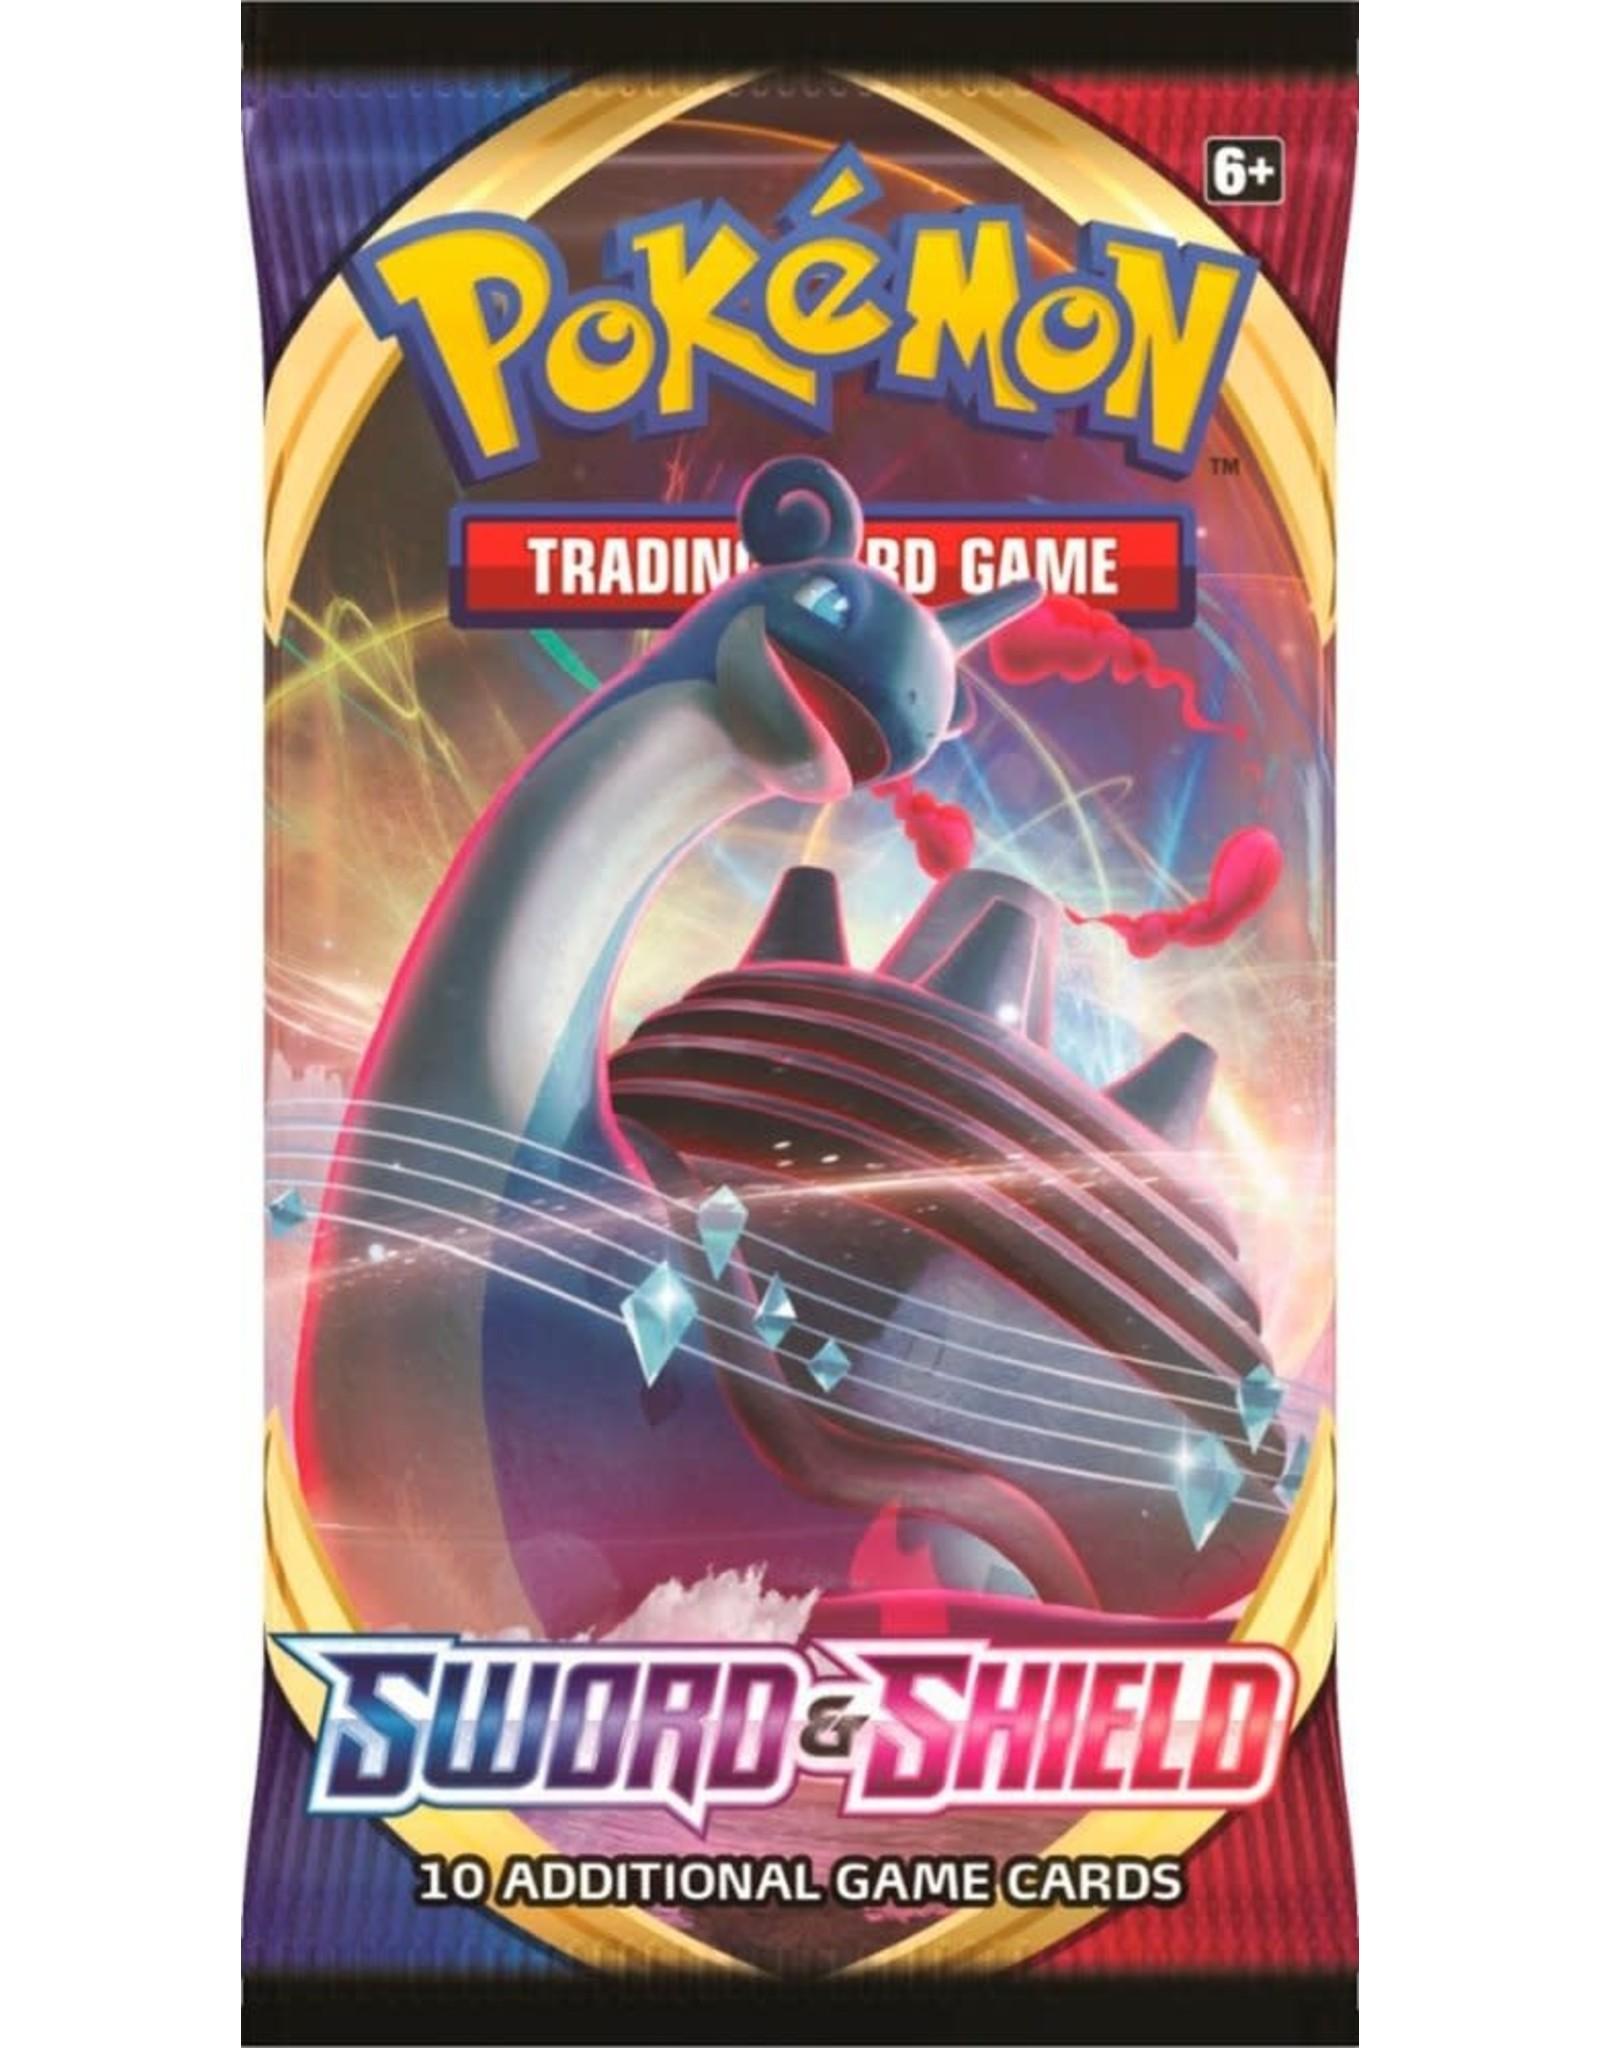 Pokémon Pokémon Sword & Shield Booster Pack